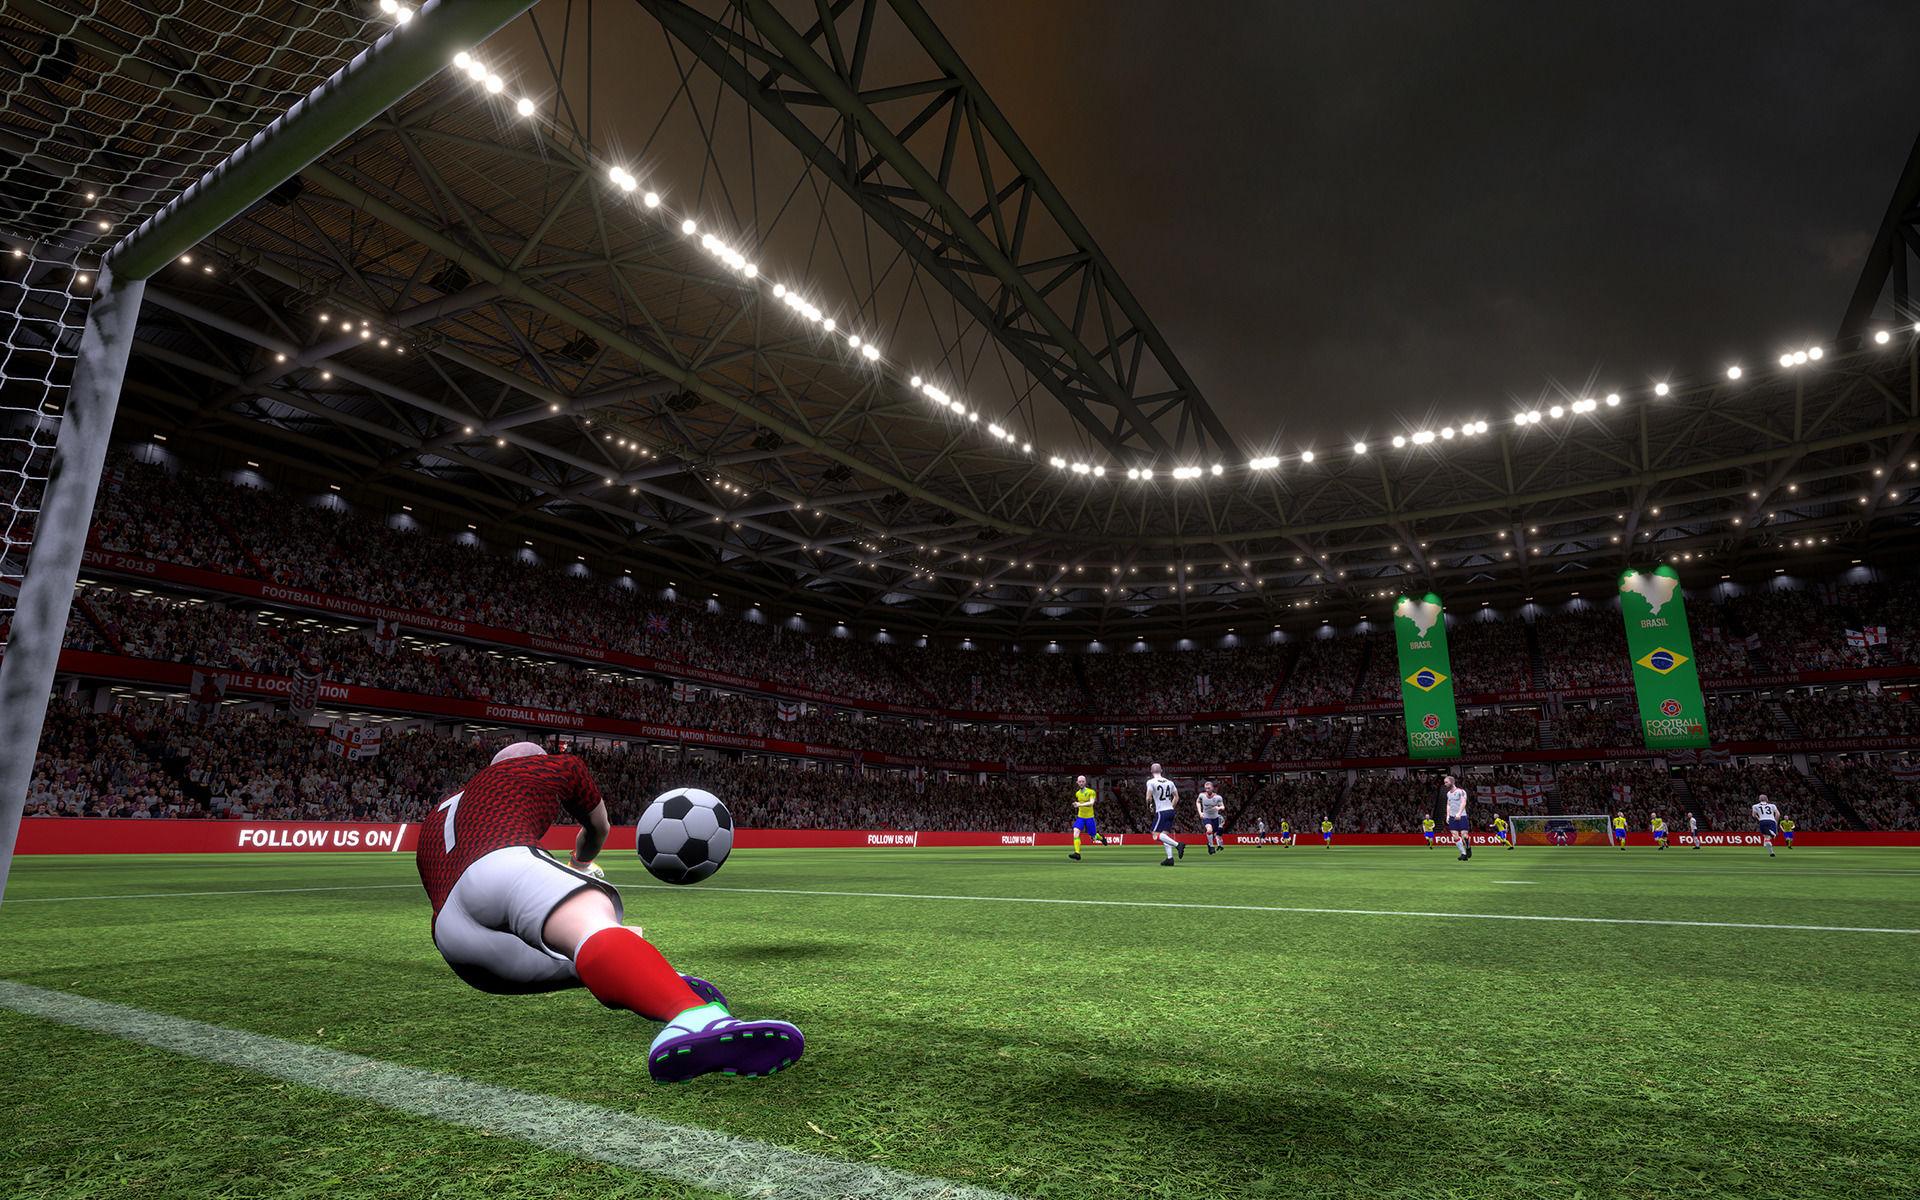 Sanal gerçeklik gözlüğü ile normal bir futbol oyunu oynanır mı?